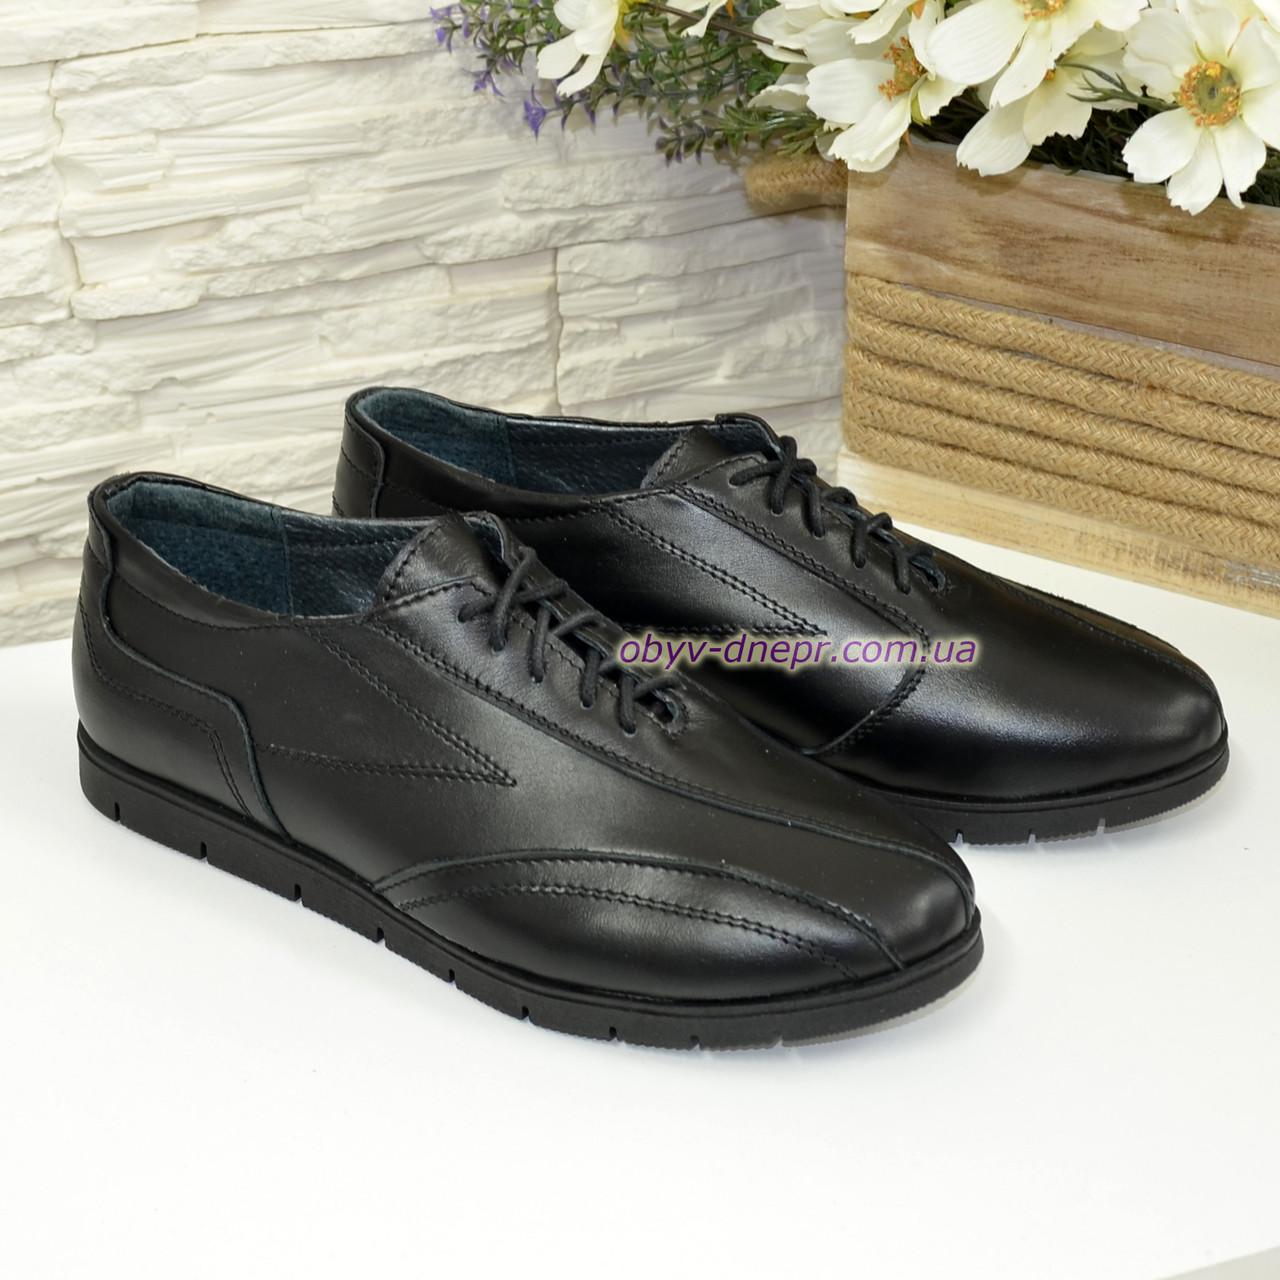 Кожаные кроссовки женские на шнуровке купить и заказать с доставкой ... 9916821db9a